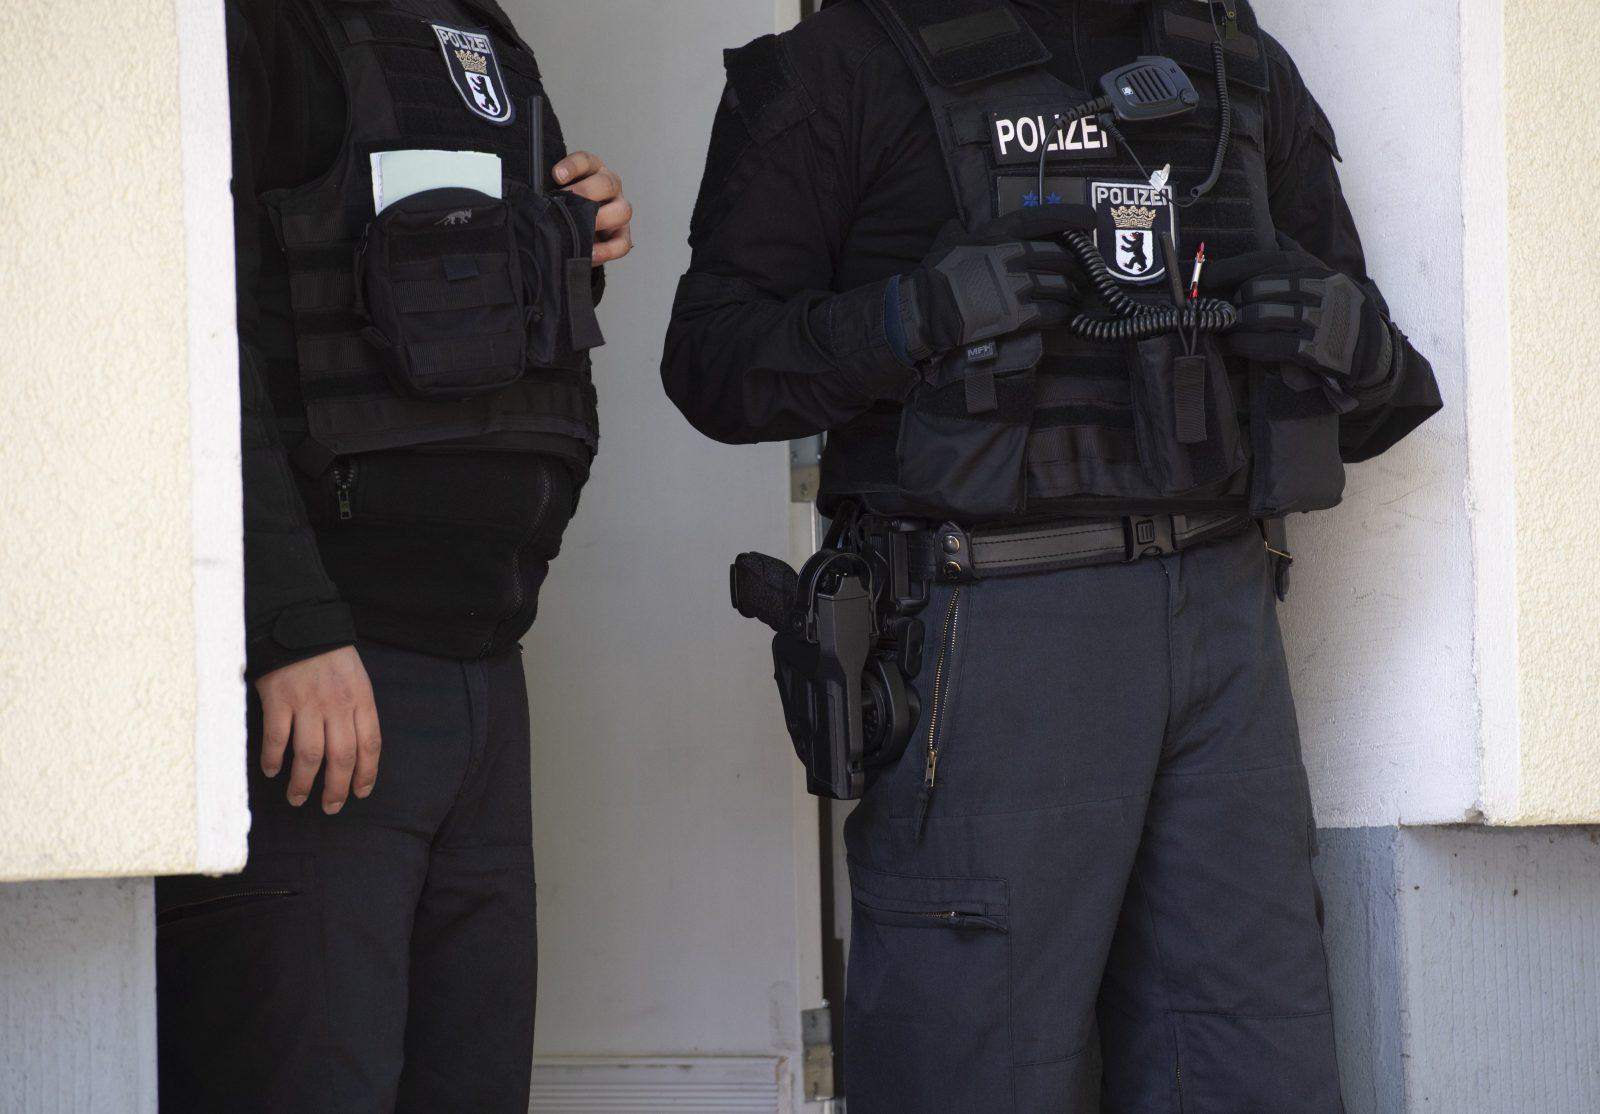 Berliner Polizisten im Einsatz (Archivbild) Foto: picture alliance/Paul Zinken/dpa-Zentralbild/dpa